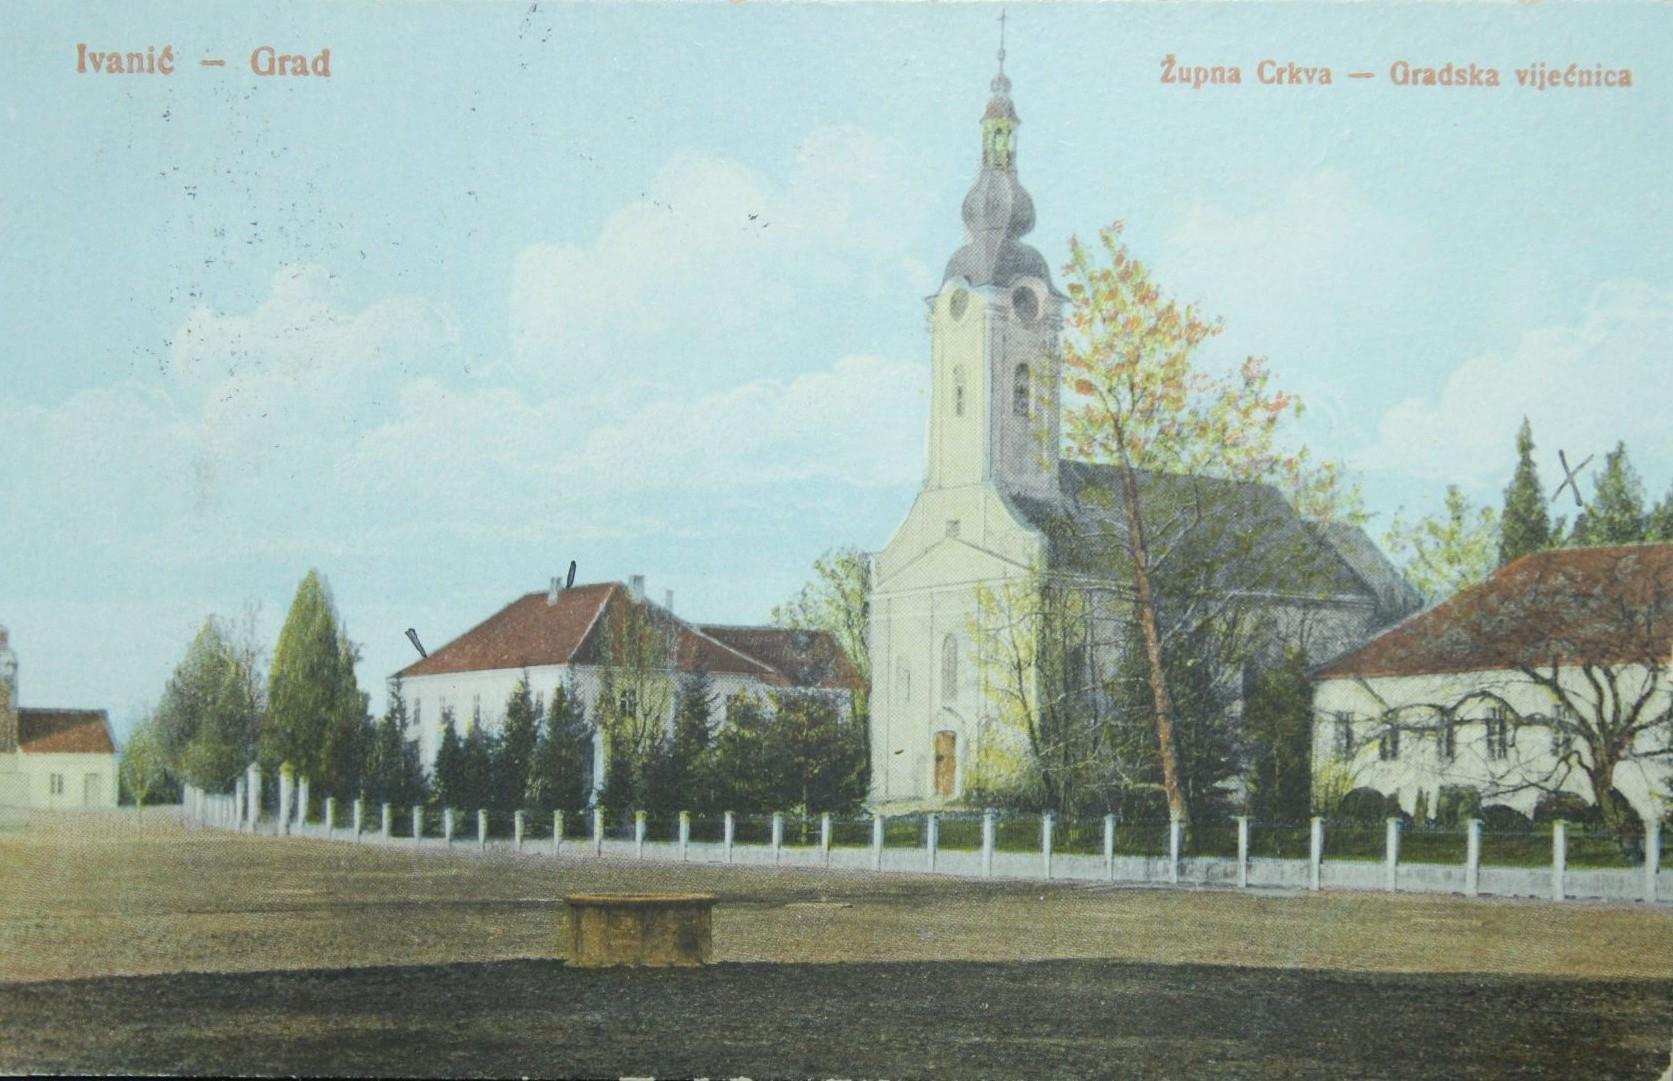 O 150. obljetnici grada Ivanić-Grada – predavanje